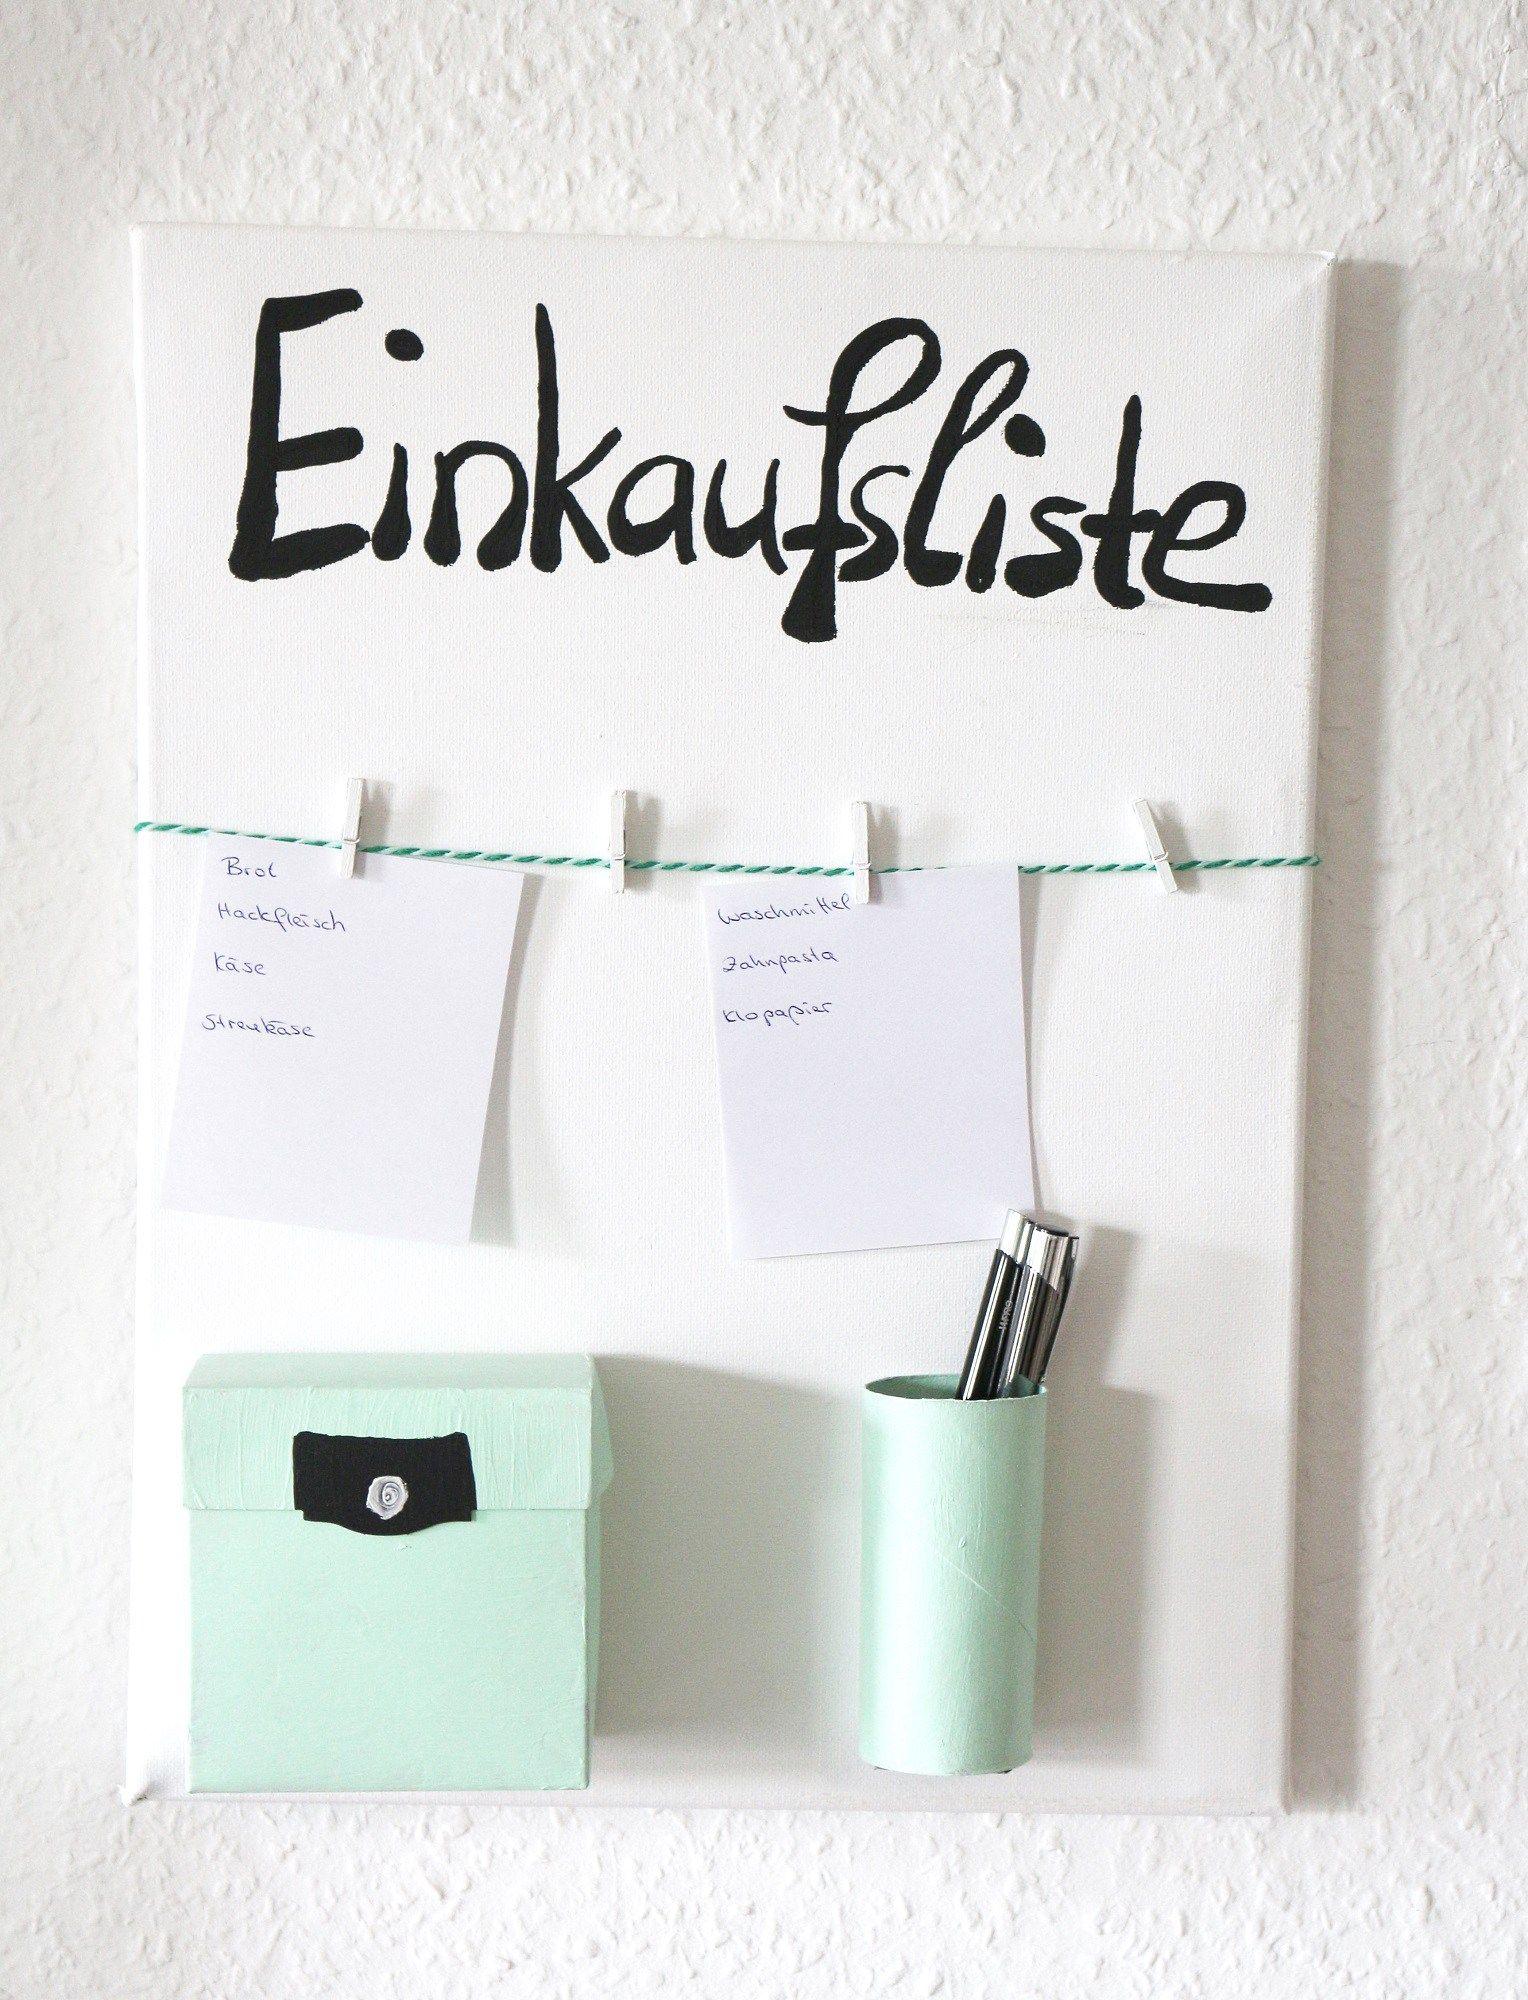 diy einkaufslisten organizer selber machen kreativ pinterest. Black Bedroom Furniture Sets. Home Design Ideas